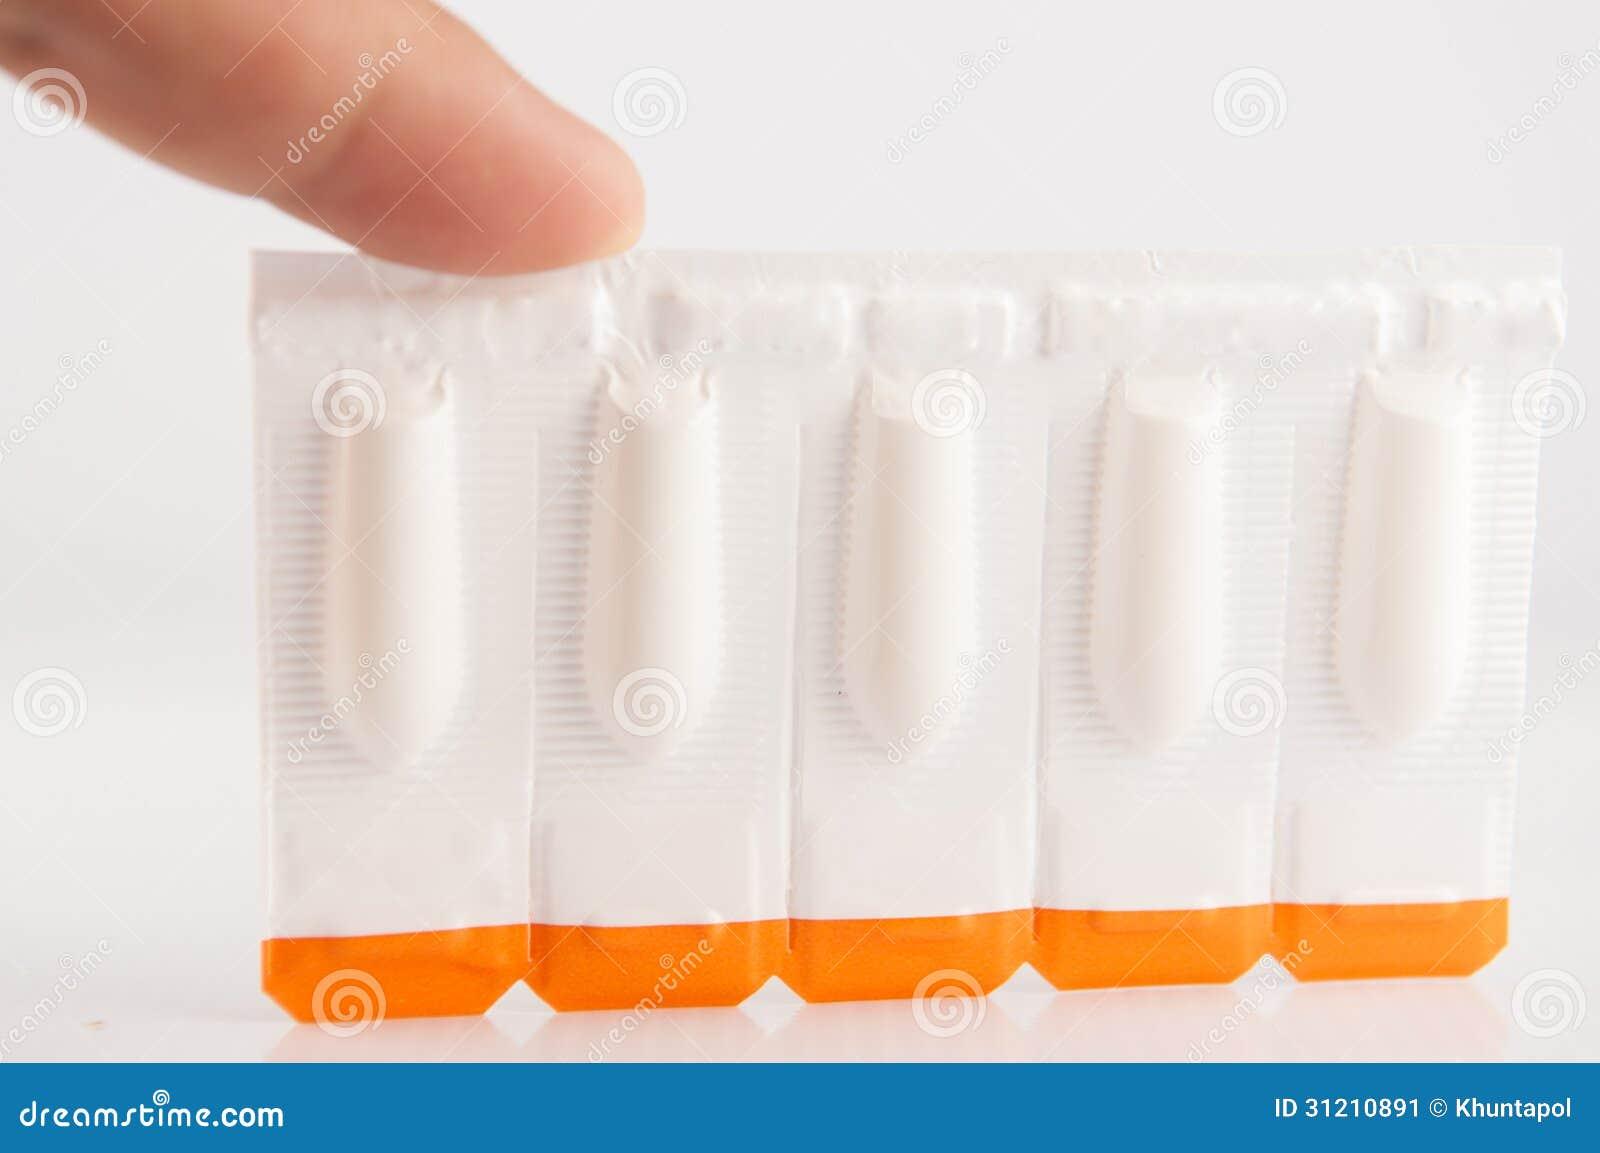 Dosage Information